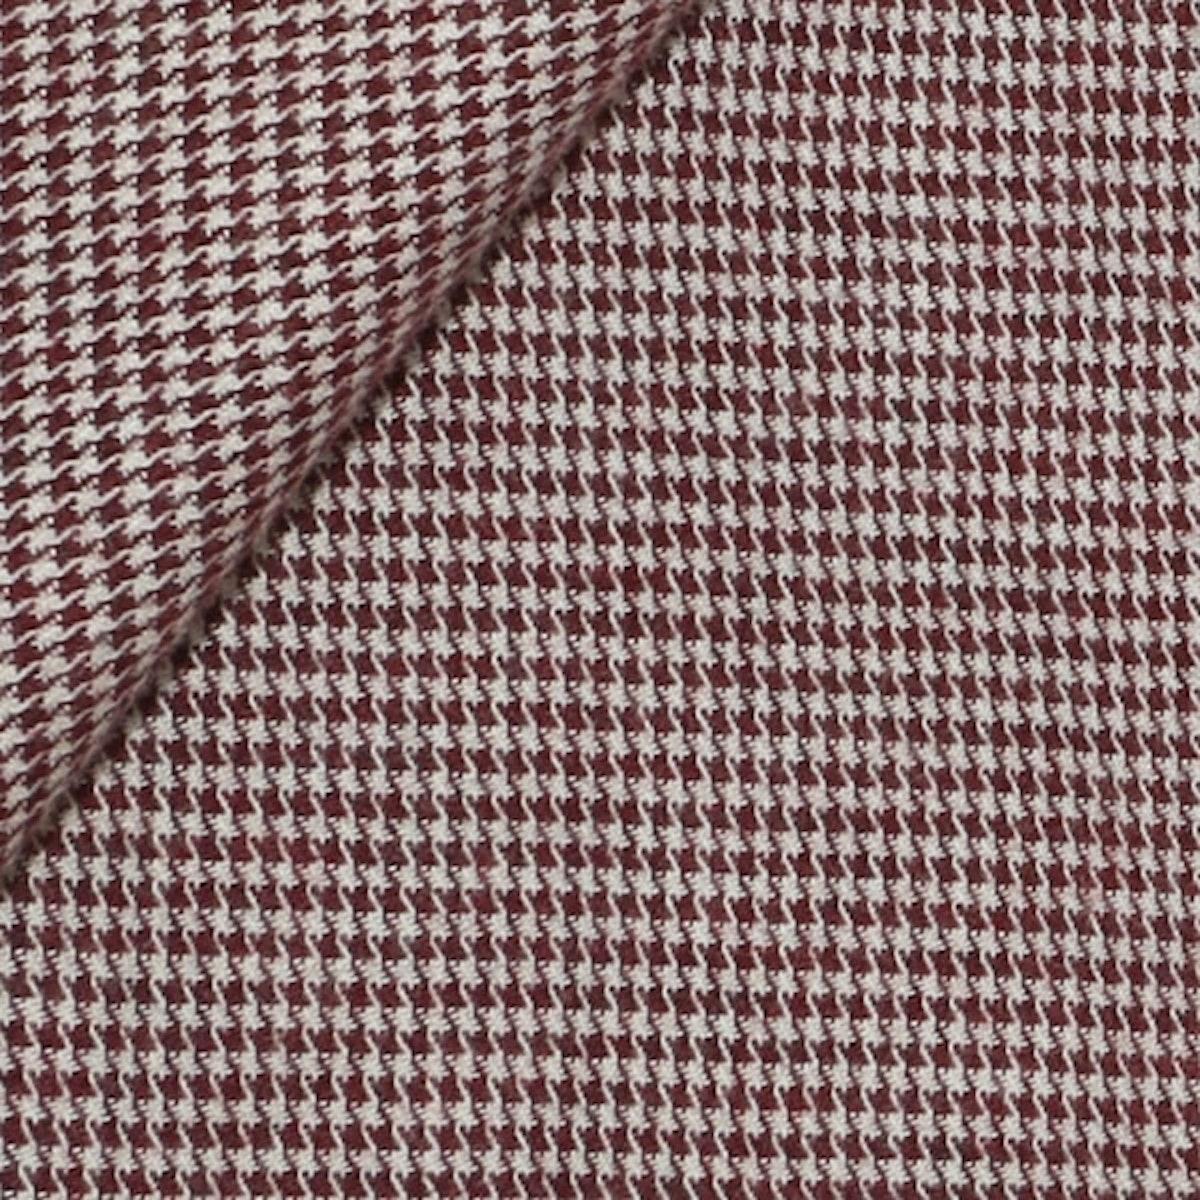 InStitchu Shirt Fabric 4964